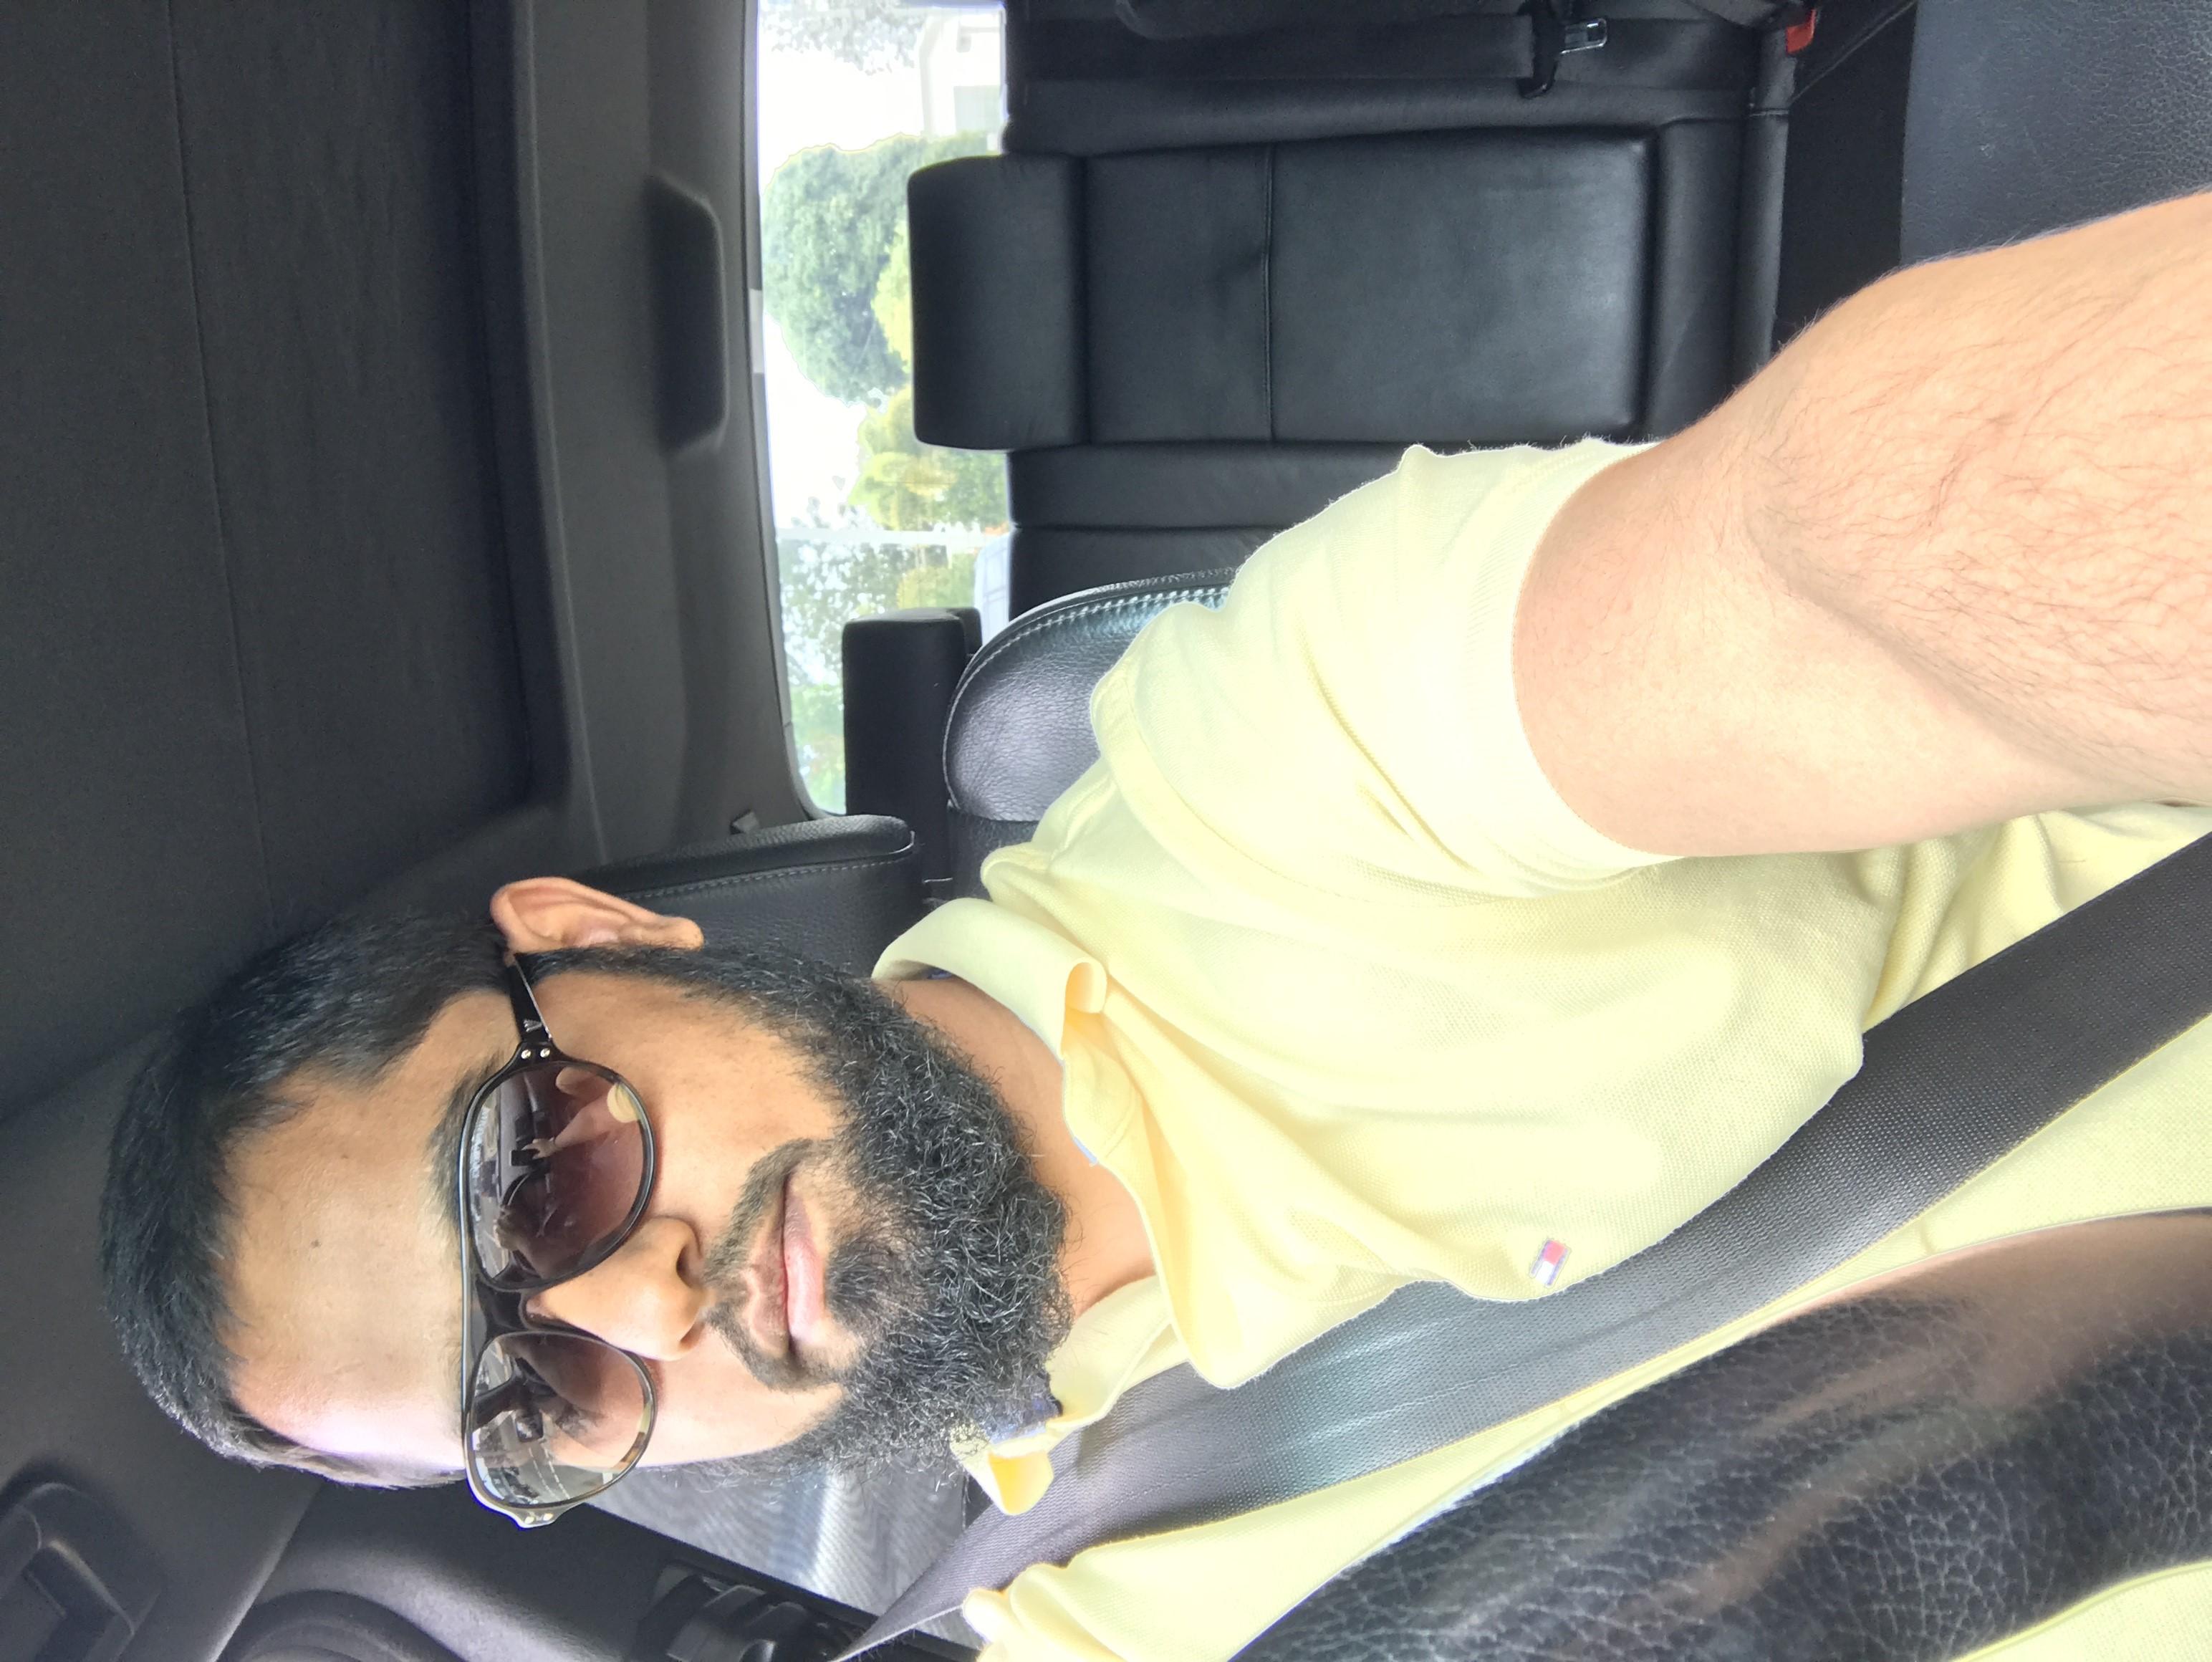 Abubakar Syed